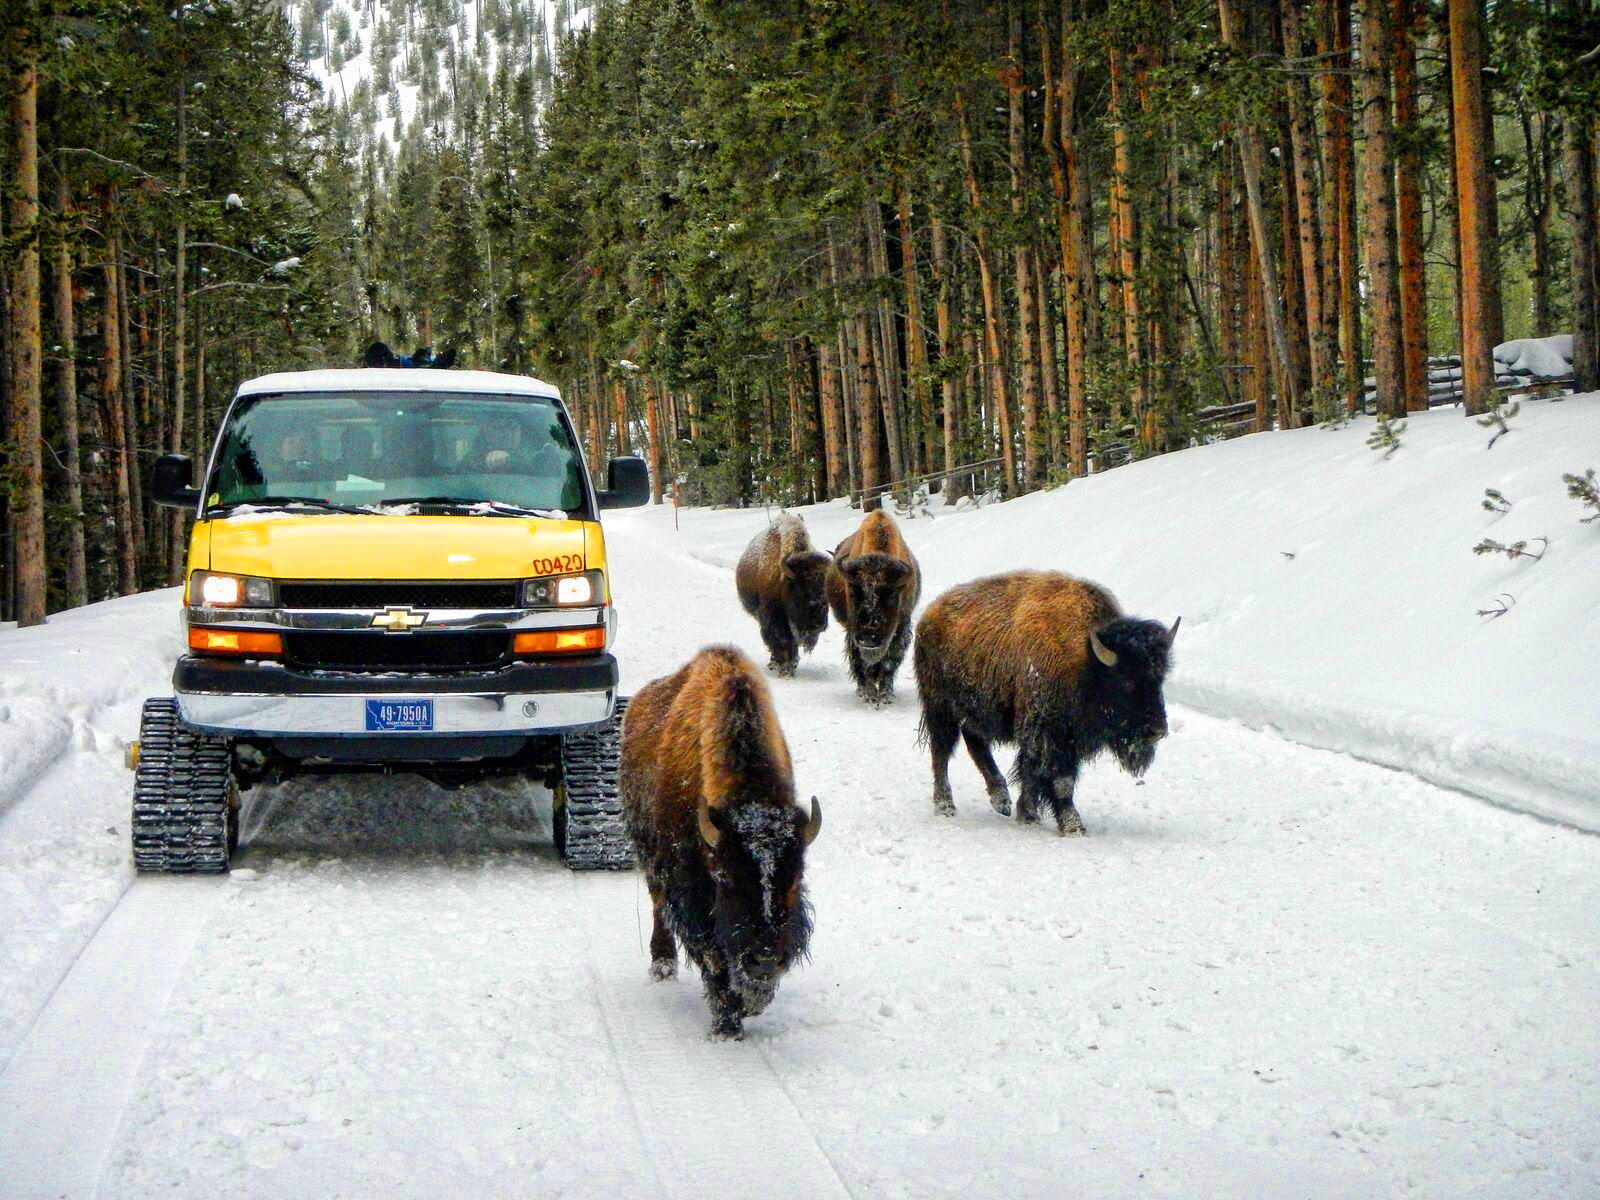 Yellowstone snowcoach tour